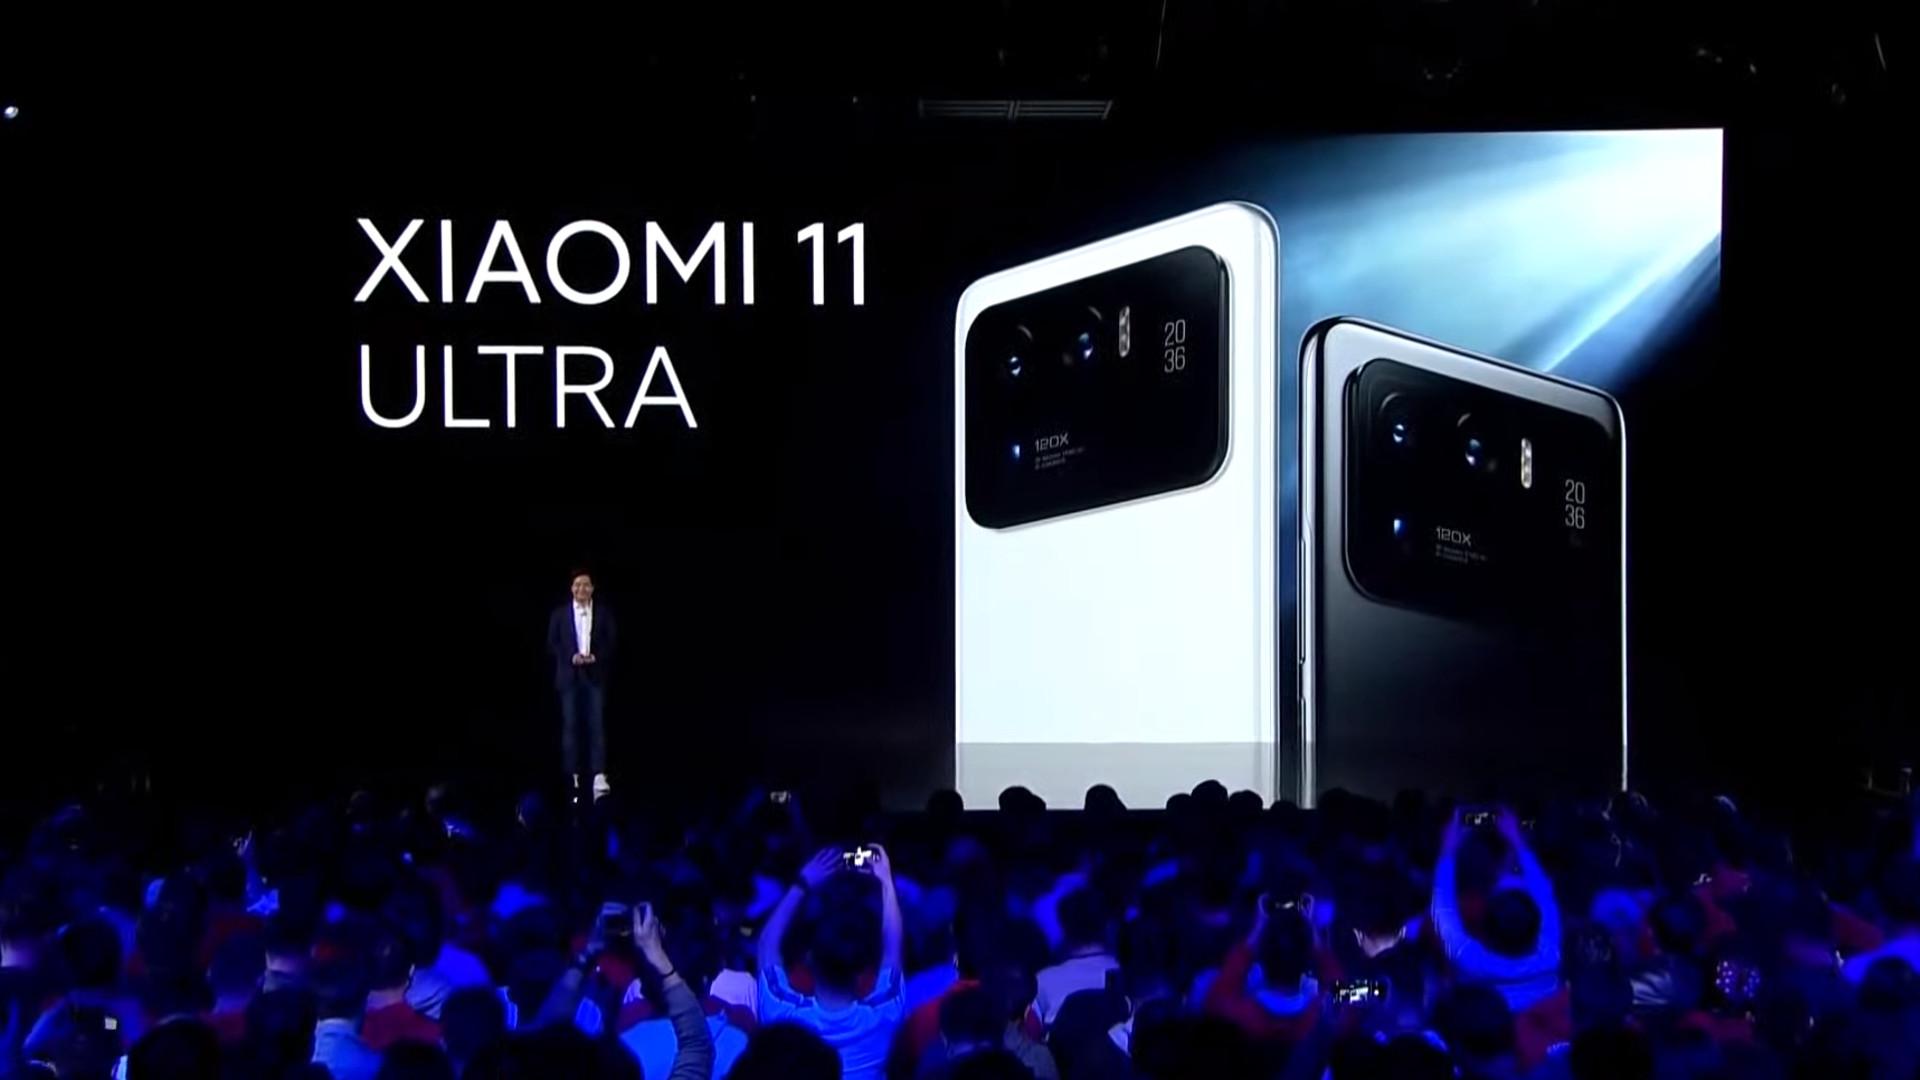 Xiaomi Mi 11 Ultra back event